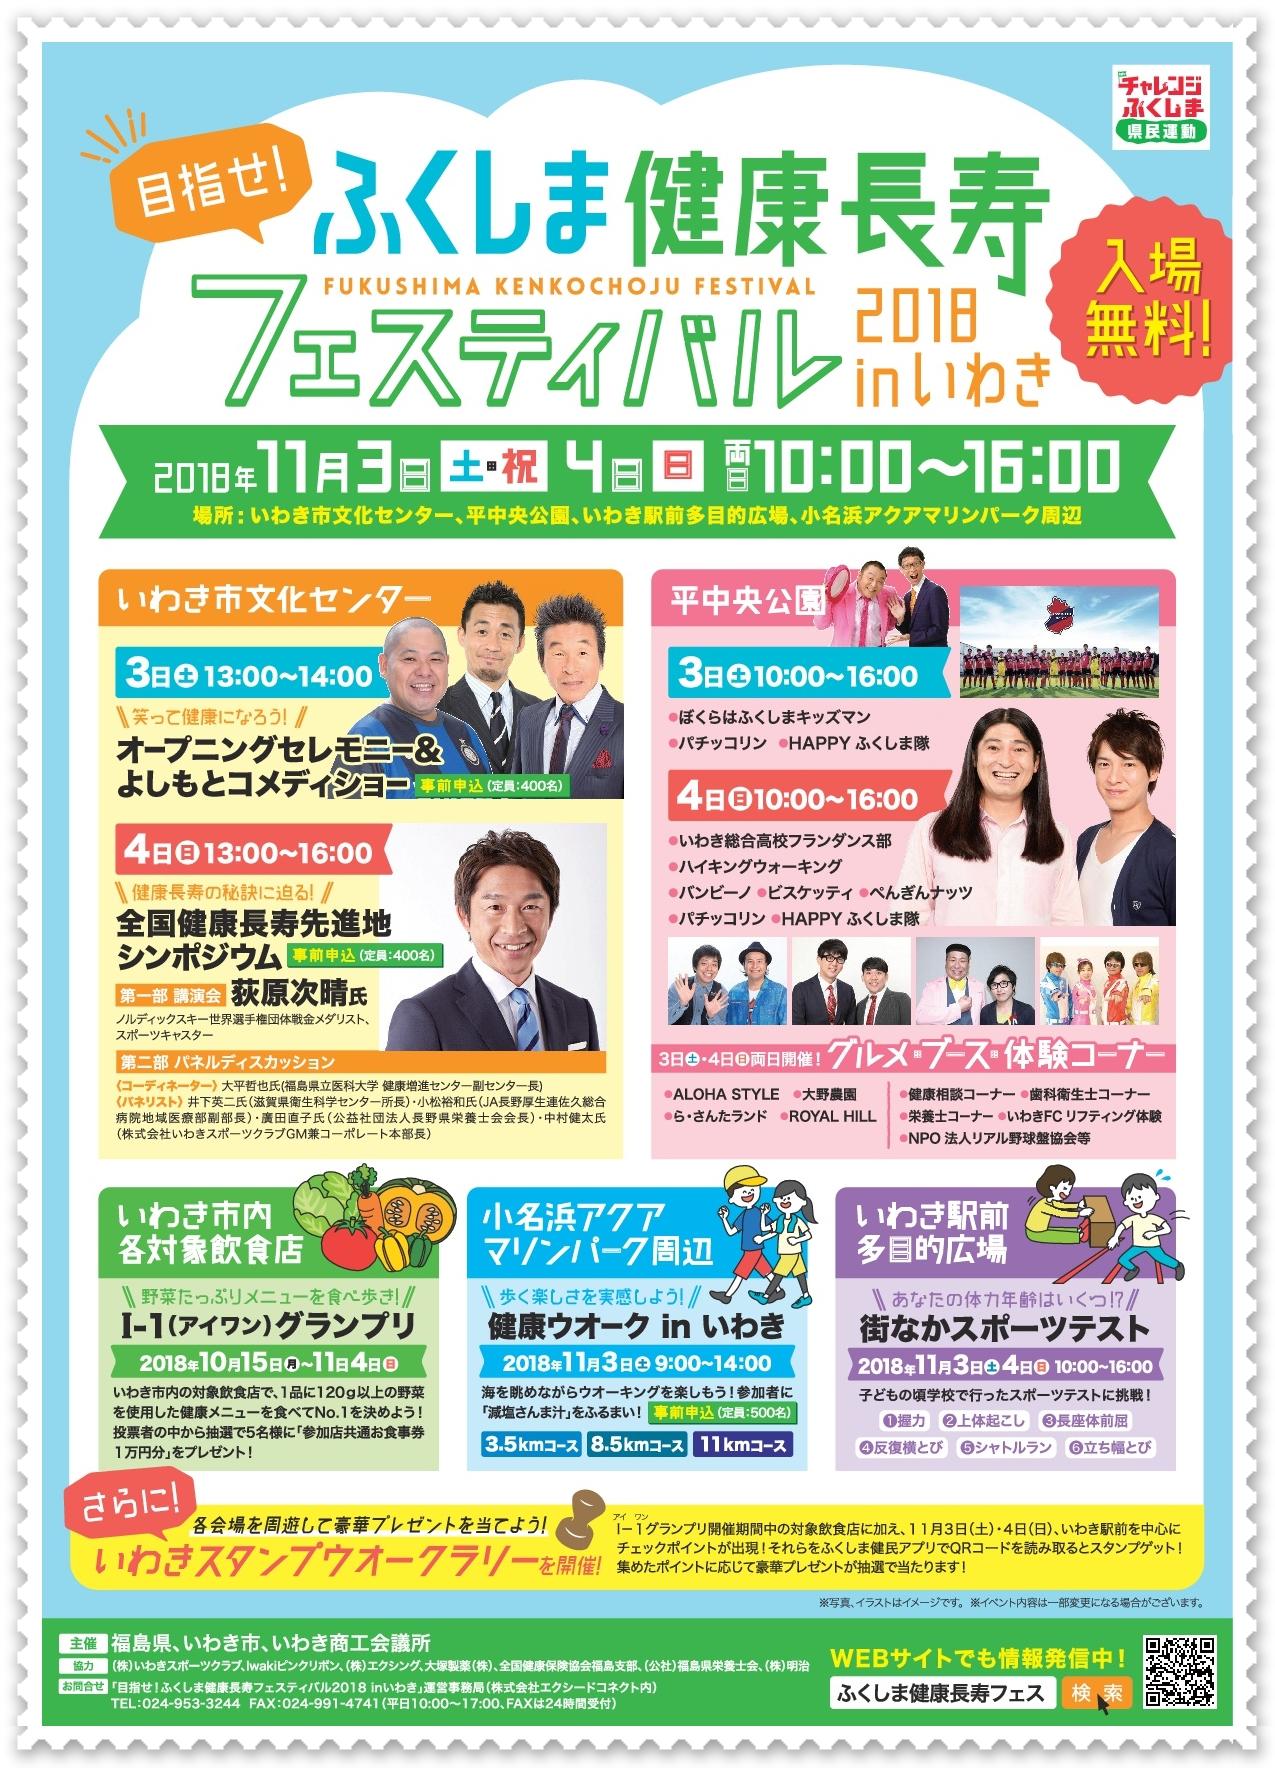 「目指せ!ふくしま健康長寿フェスティバル2018 in いわき」今週末開催! [平成30年10月29日(月)更新]1